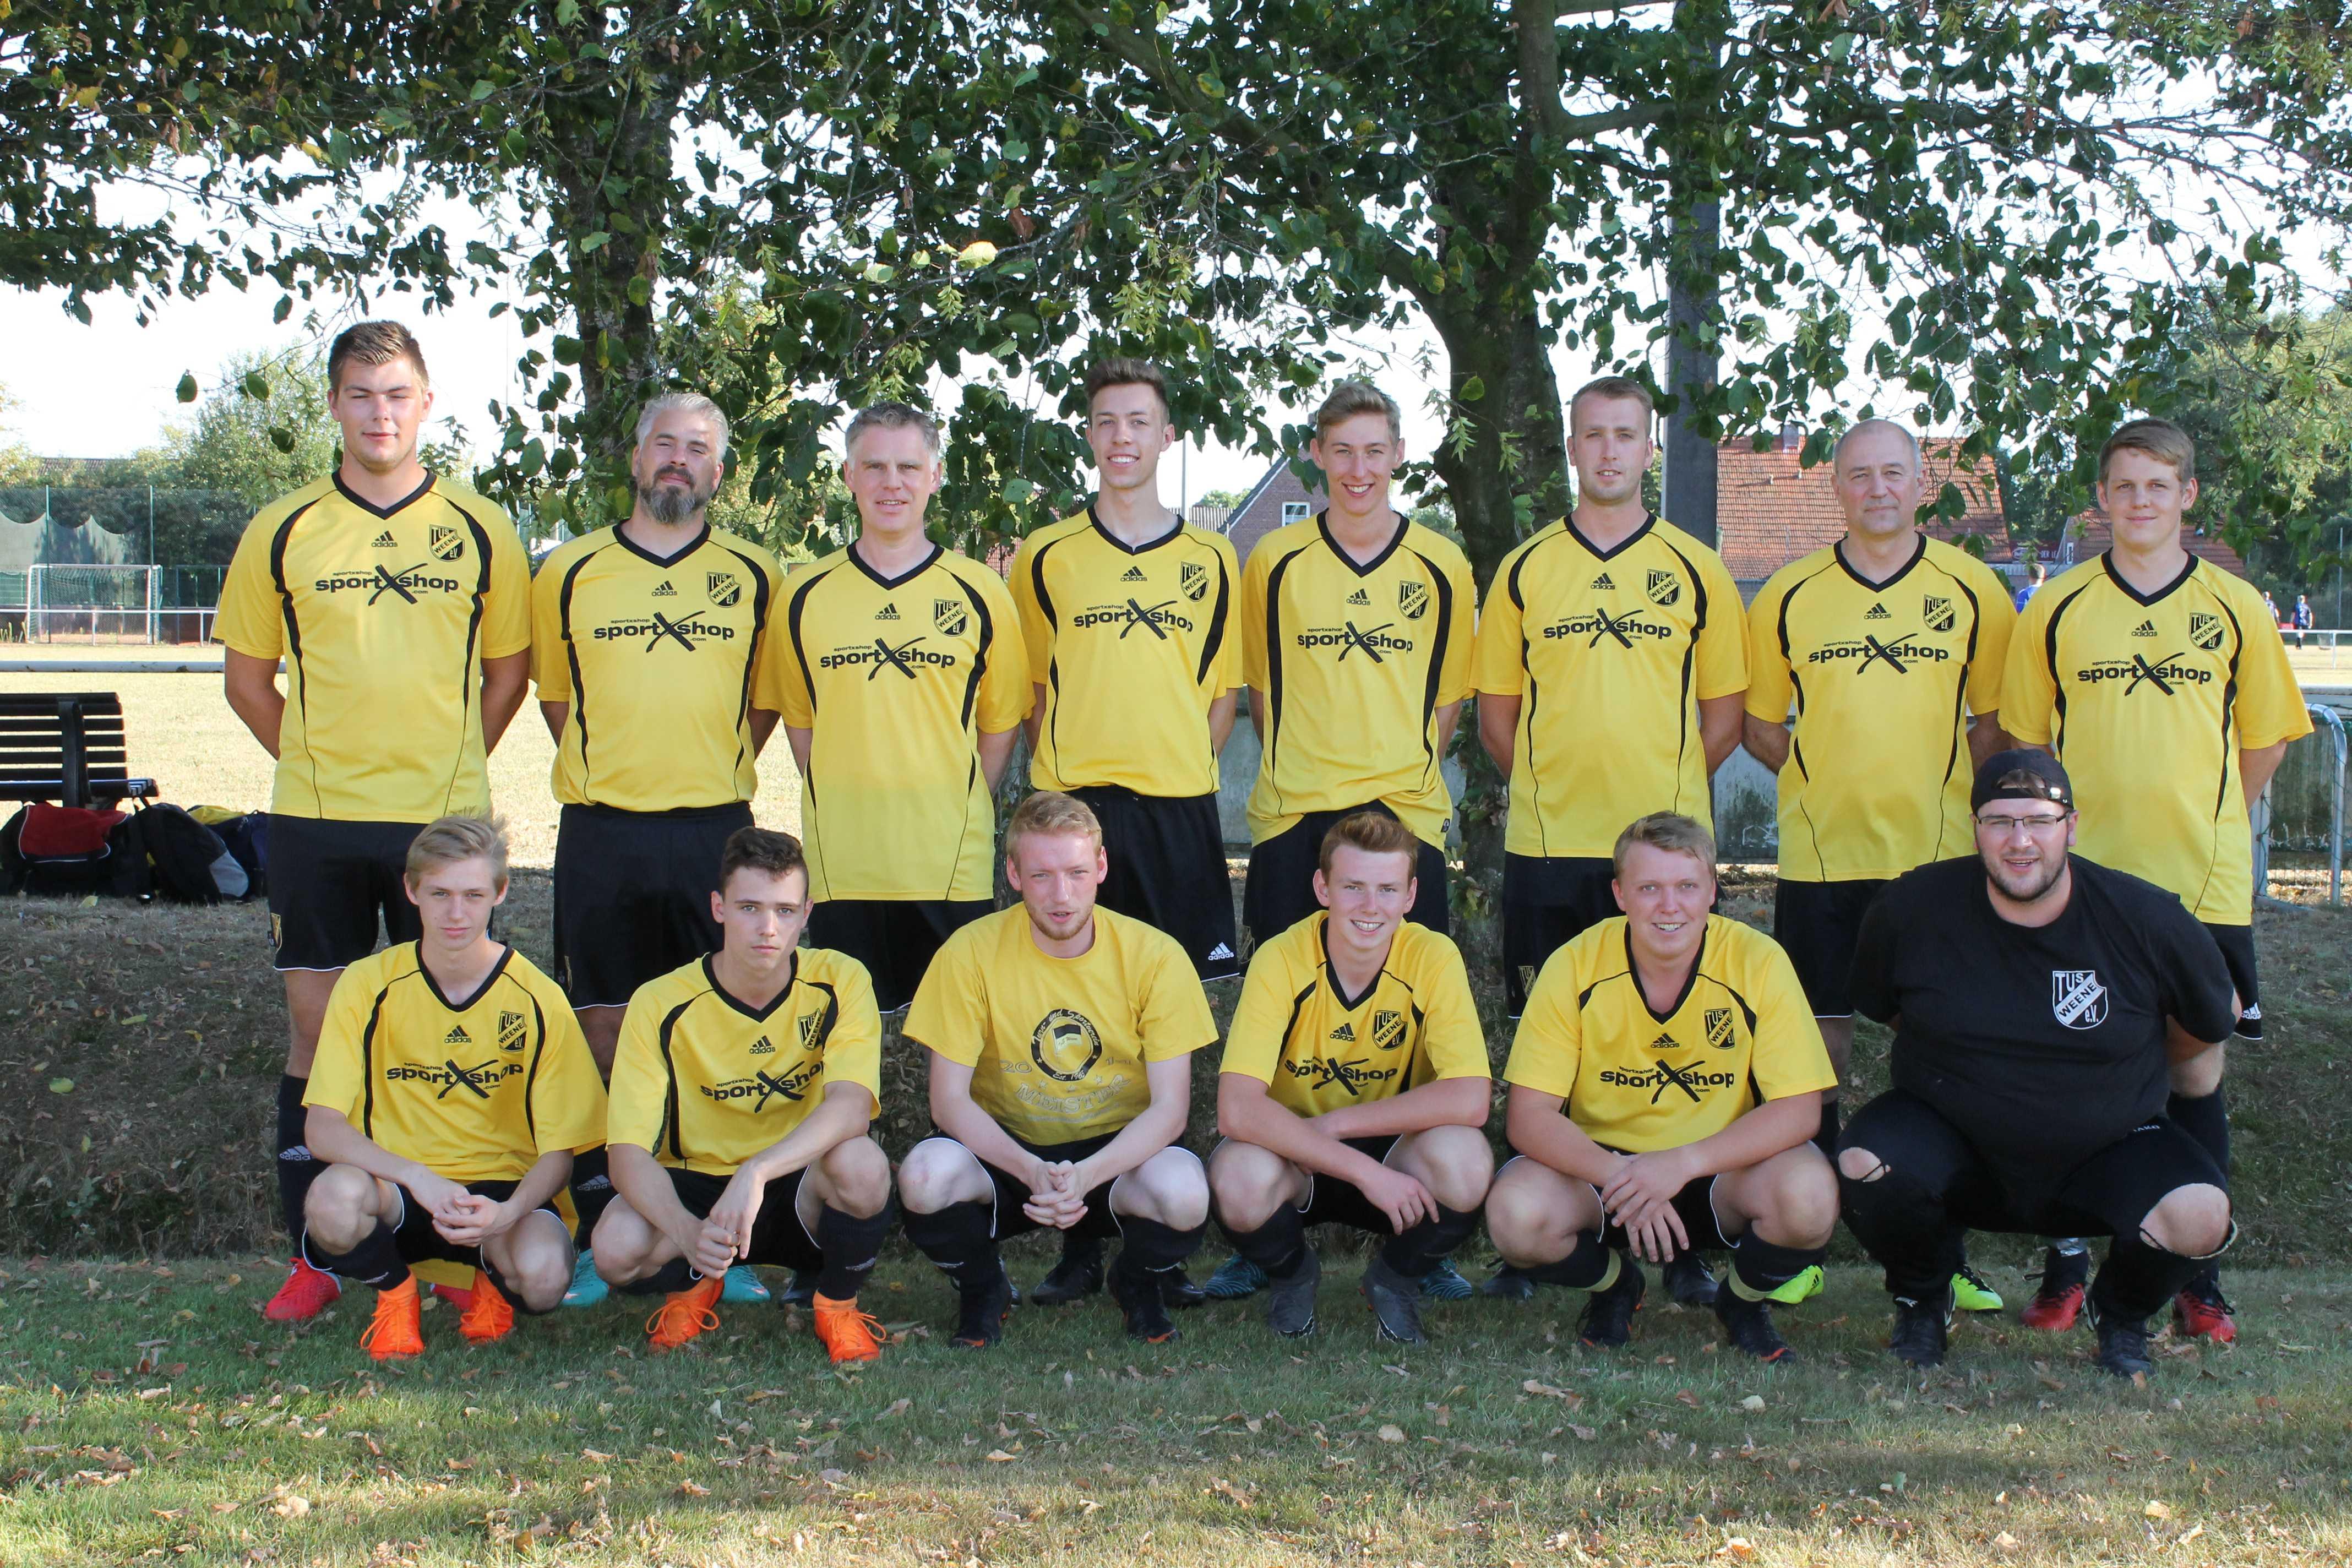 2018-08-03 Sportwoche - 2. und 3. Herrenturnier (5)